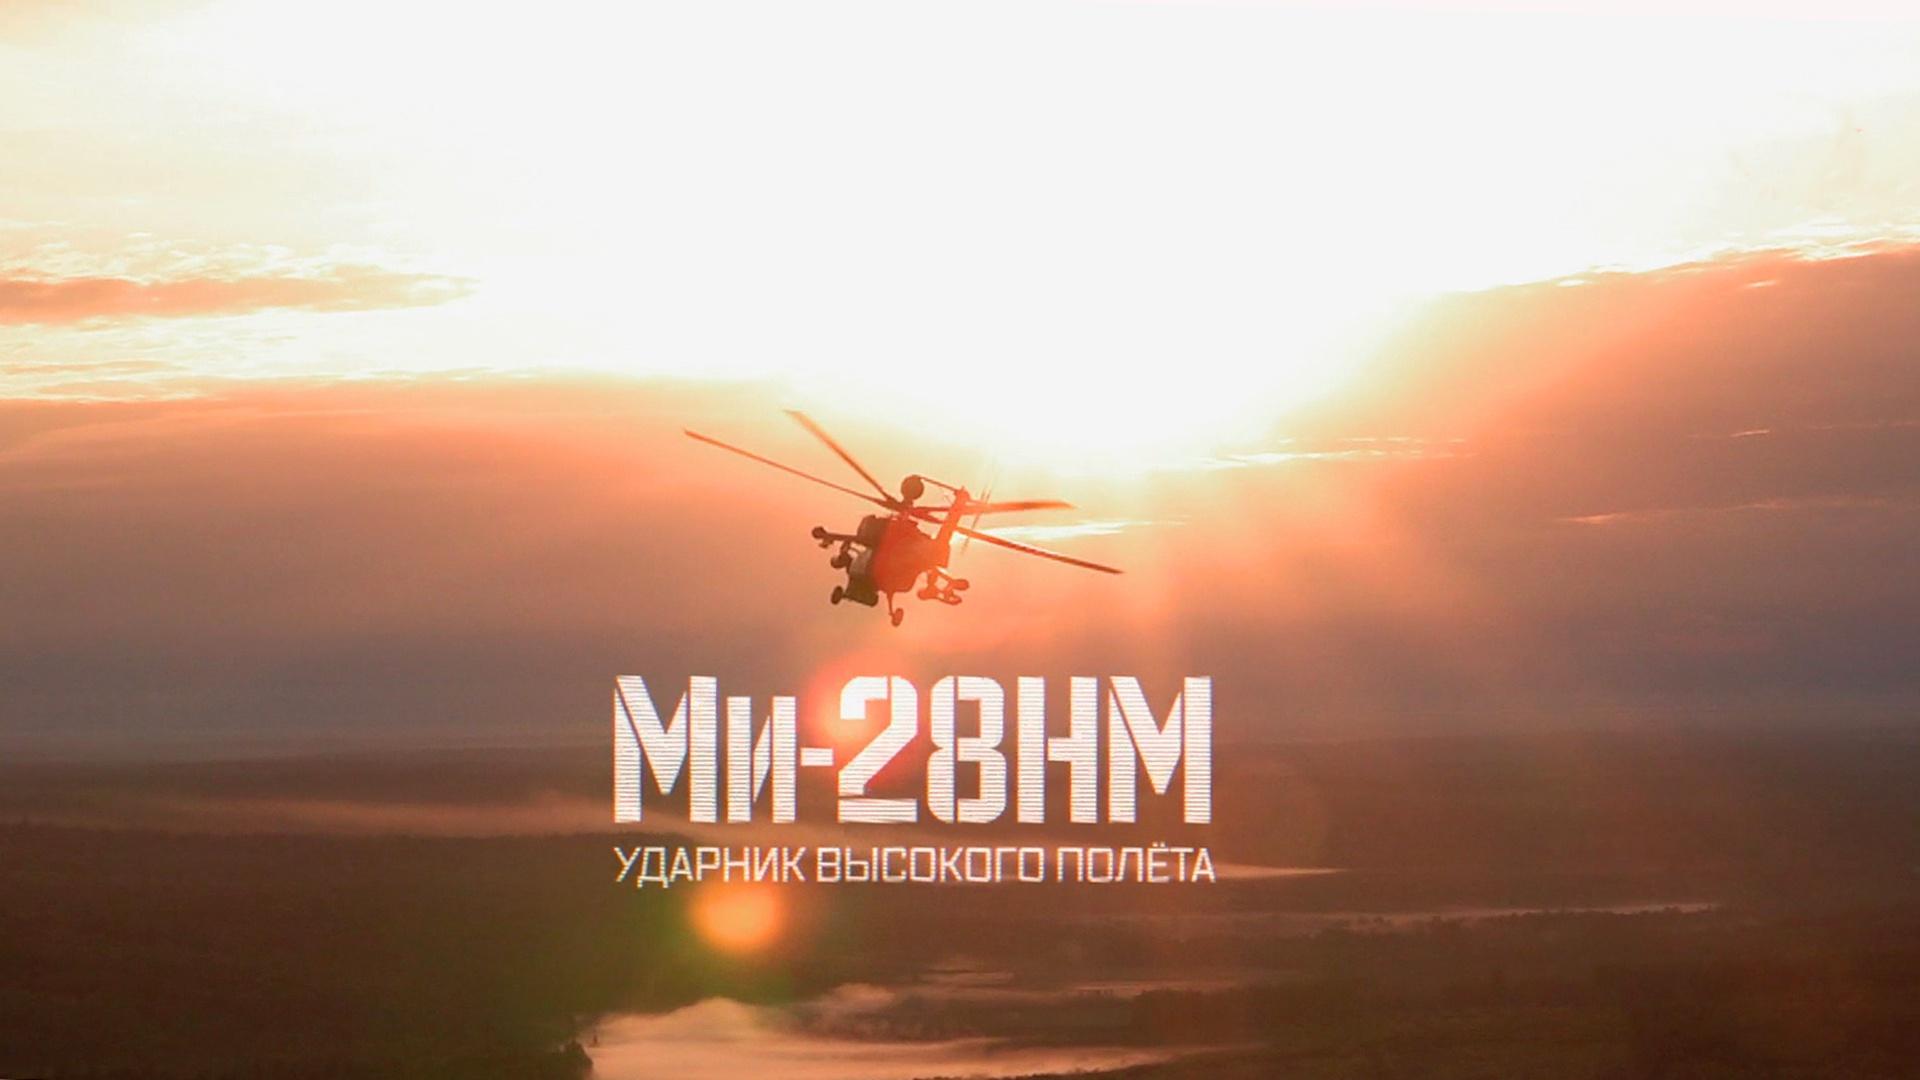 Ми-28НМ. Ударник высокого полета